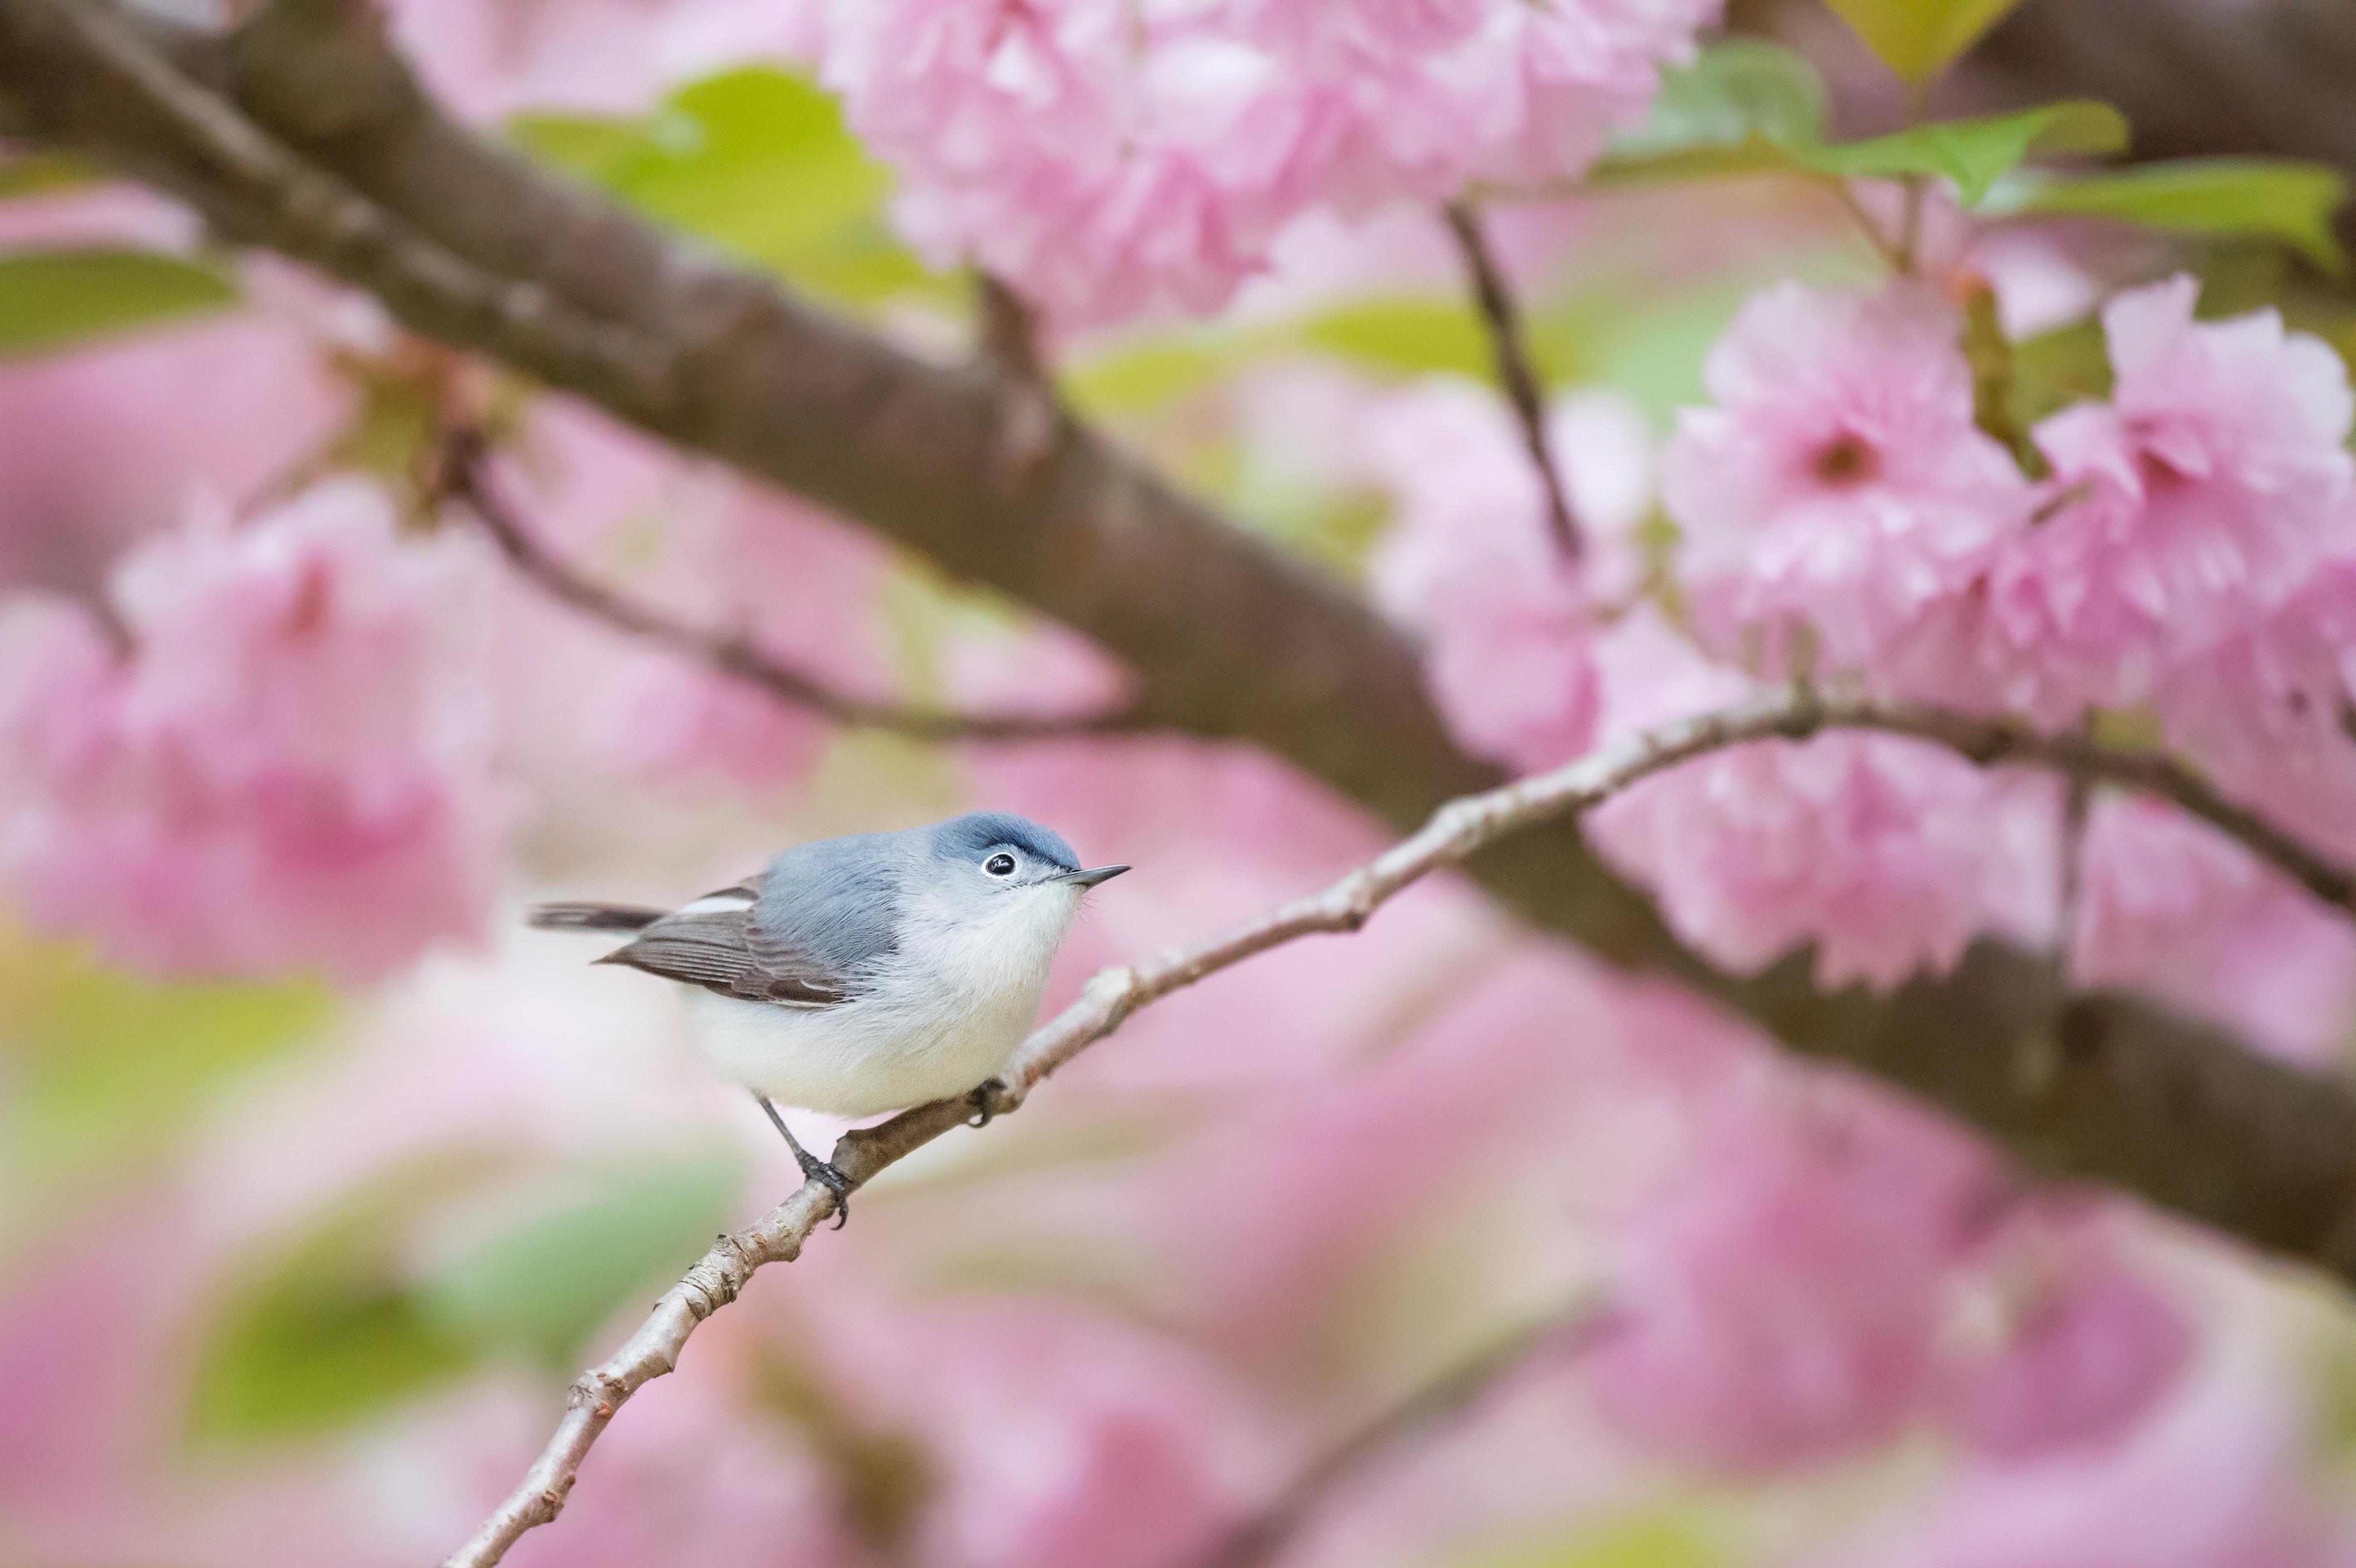 bird on branch of blossom tree